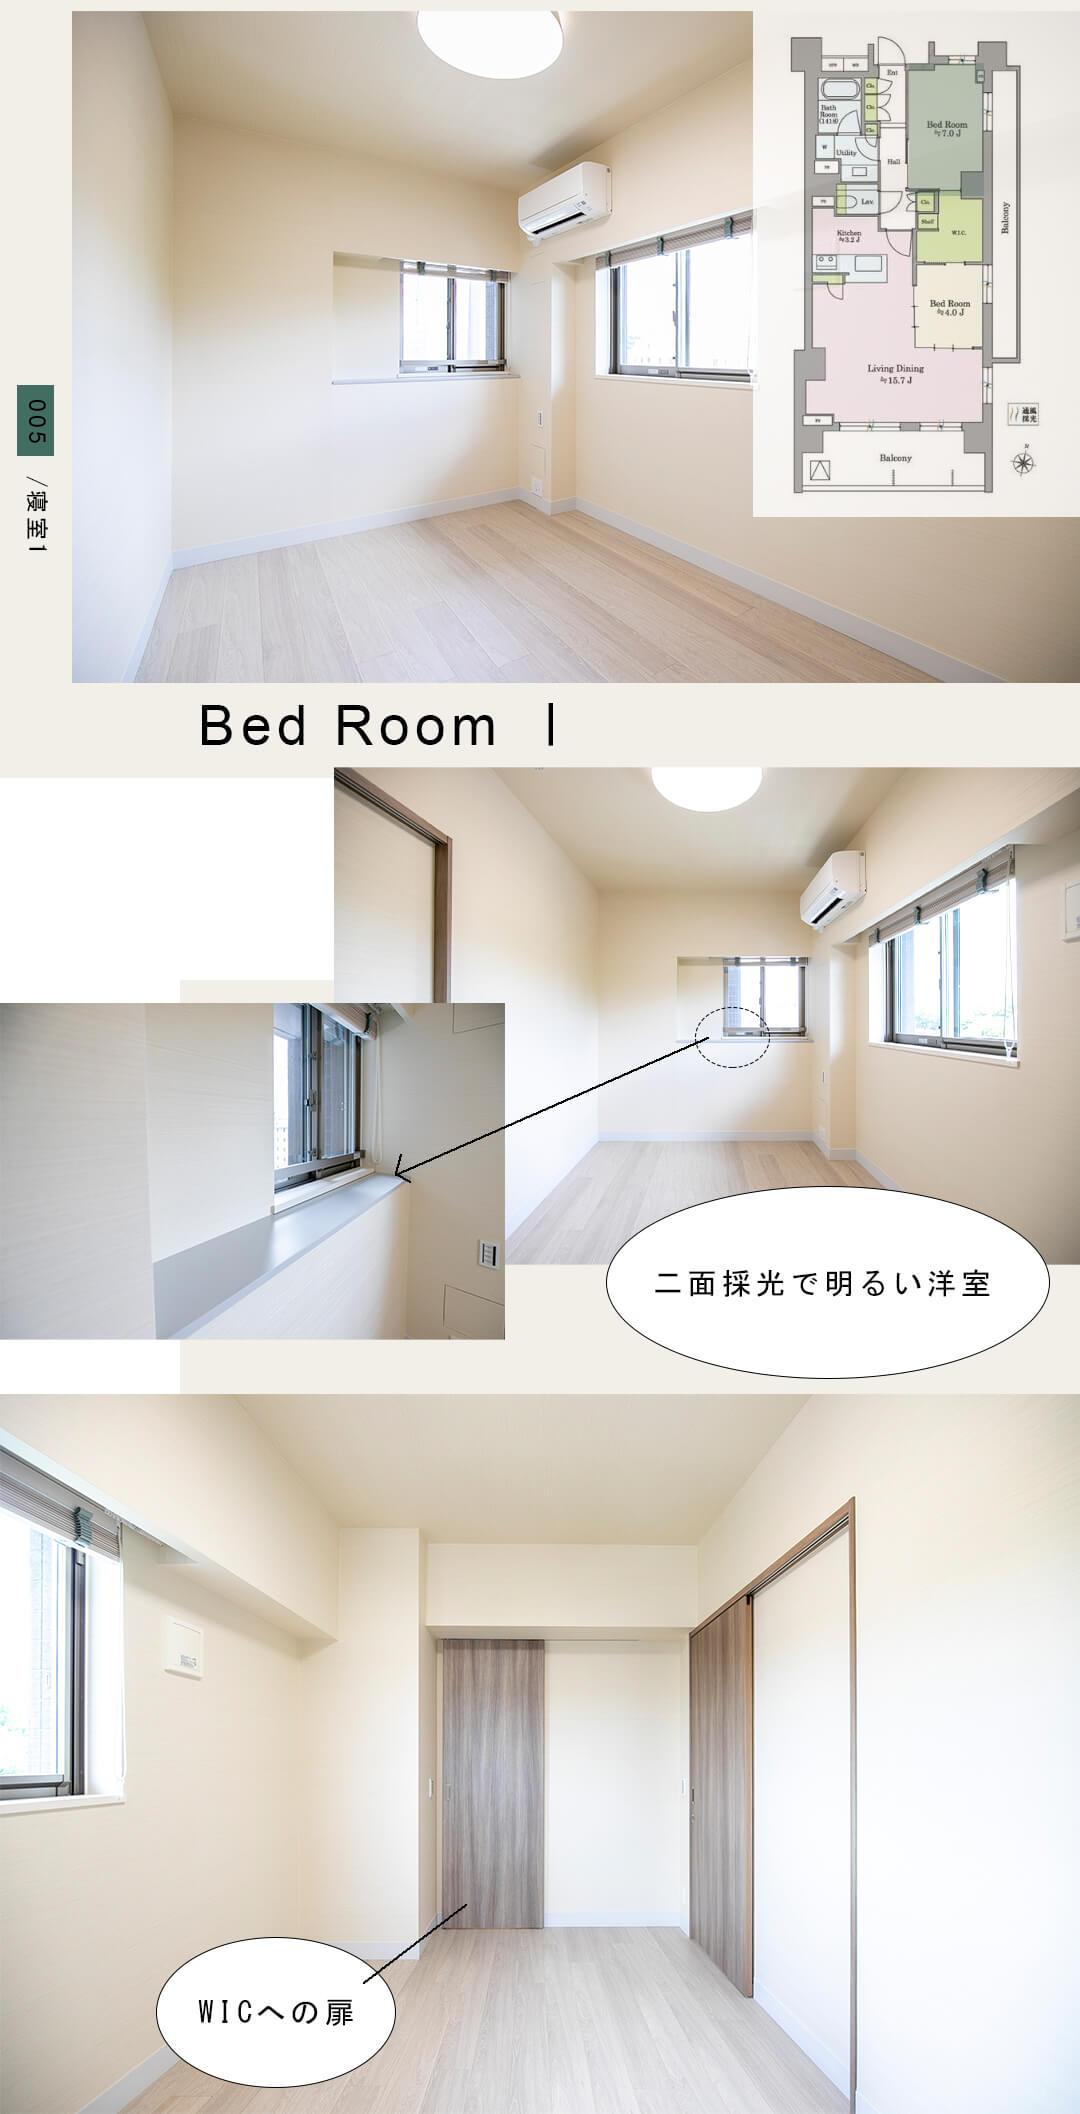 005寝室1,Bedroom